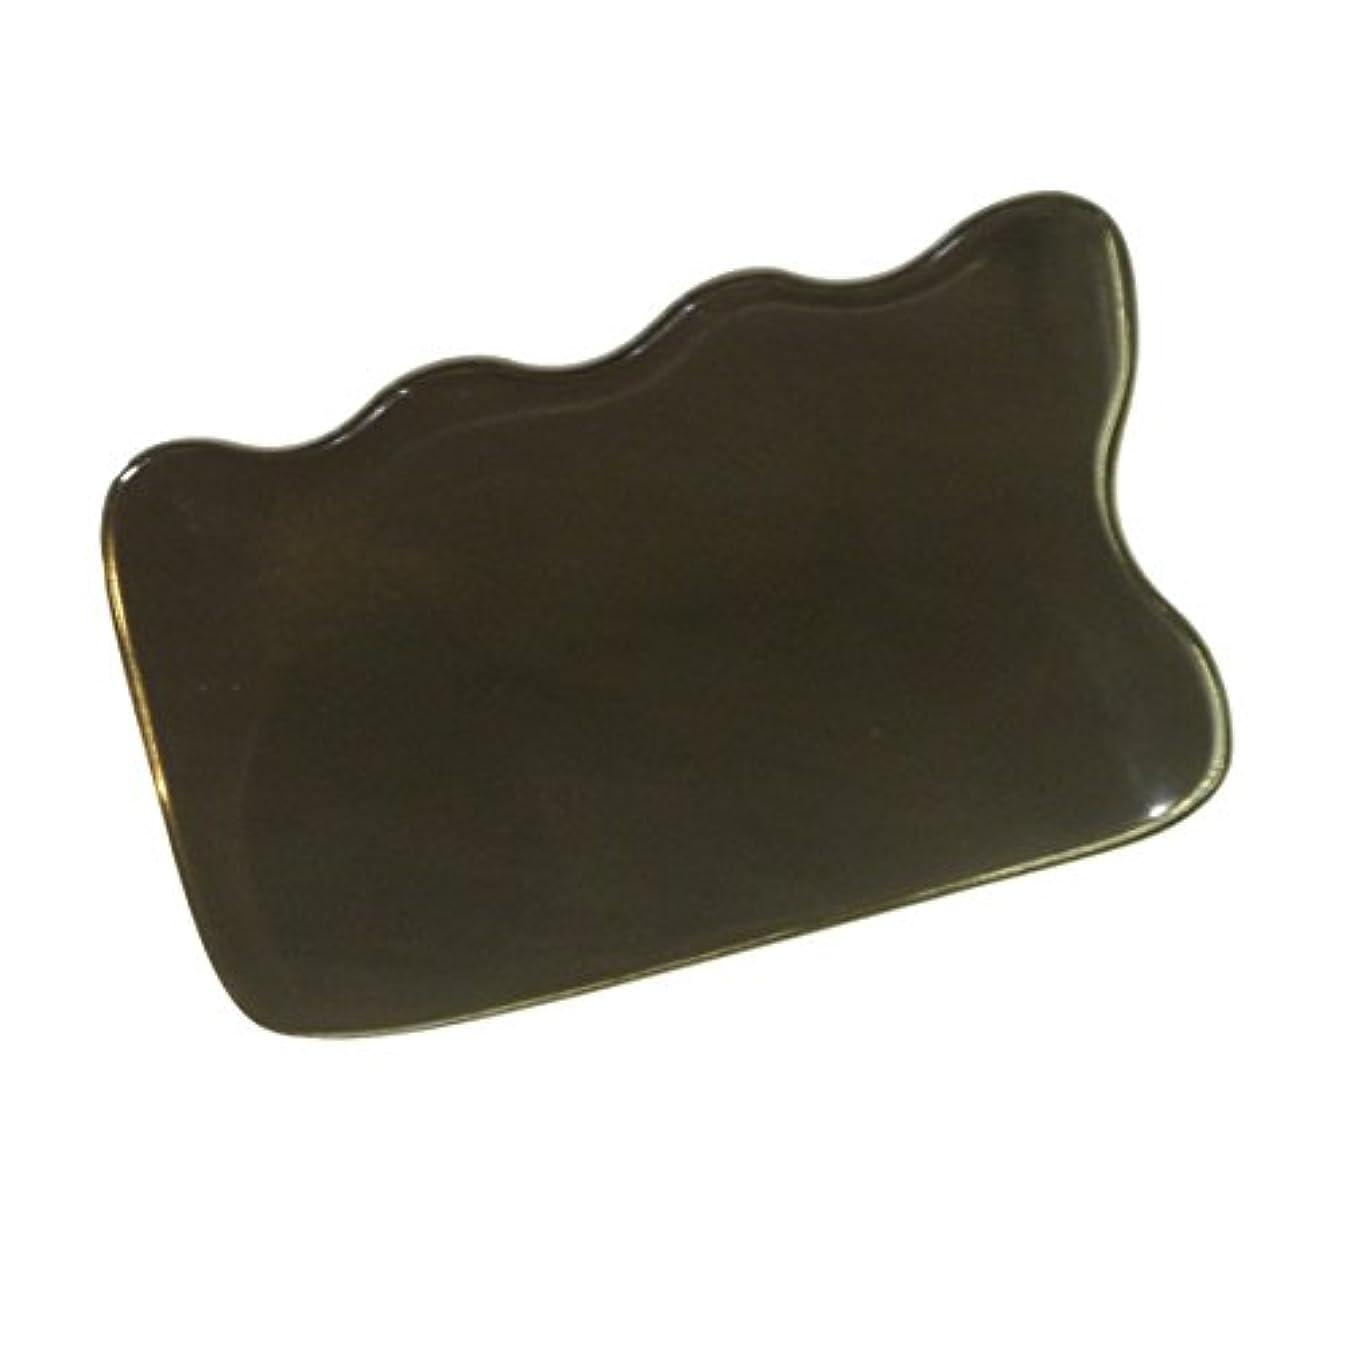 狼シャーロックホームズ士気かっさ プレート 厚さが選べる 水牛の角(黒水牛角) EHE220 四角波 一般品 厚め(7ミリ程度)